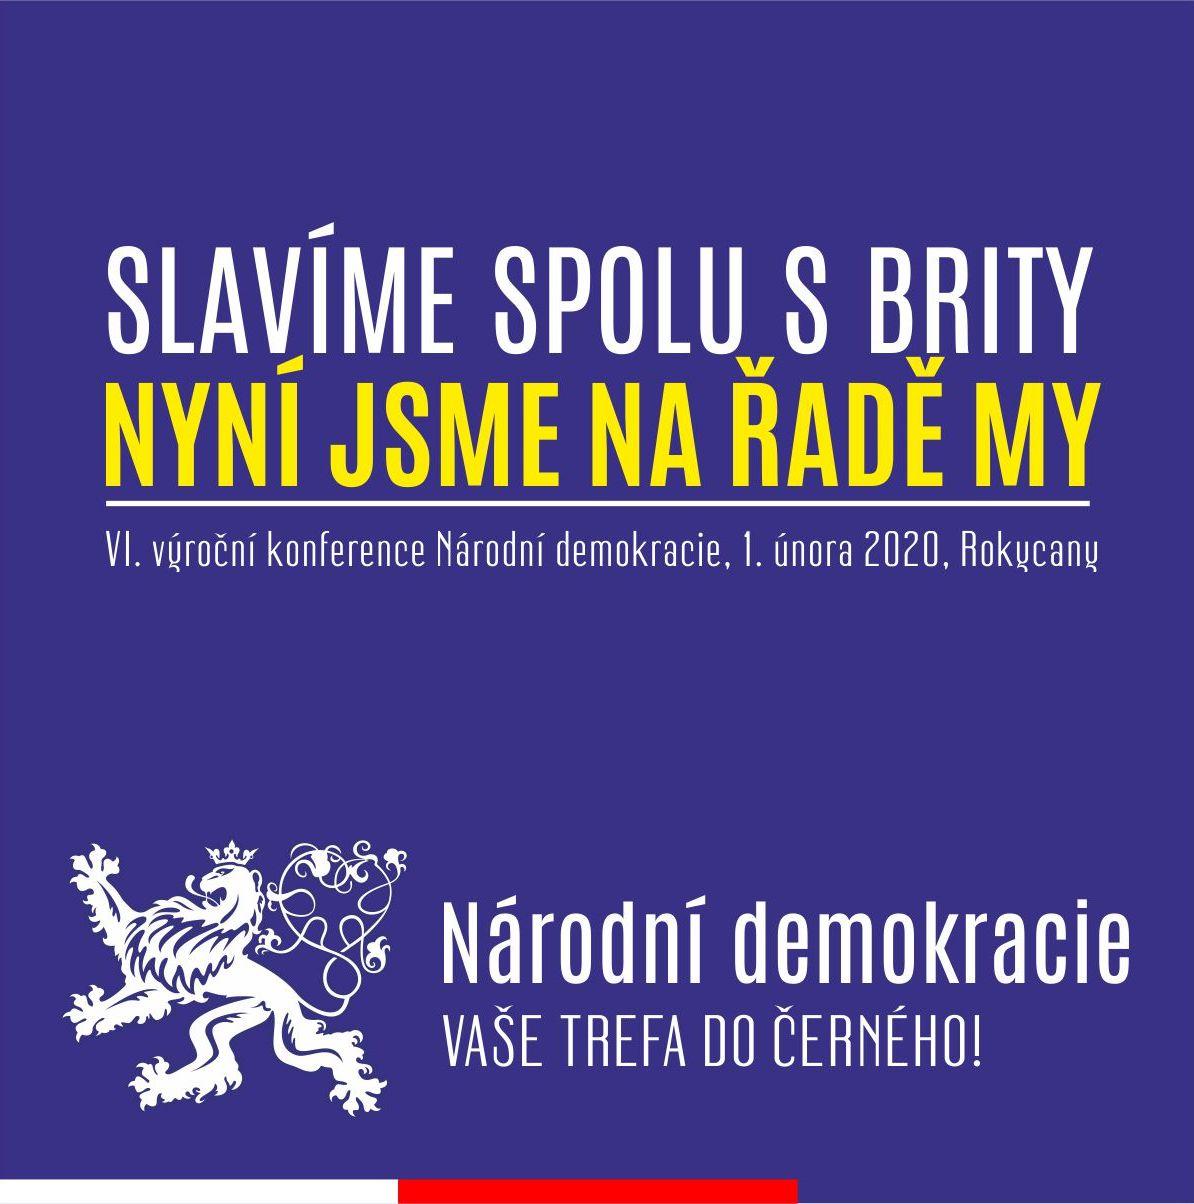 Rokycanská deklarace Národní demokracie